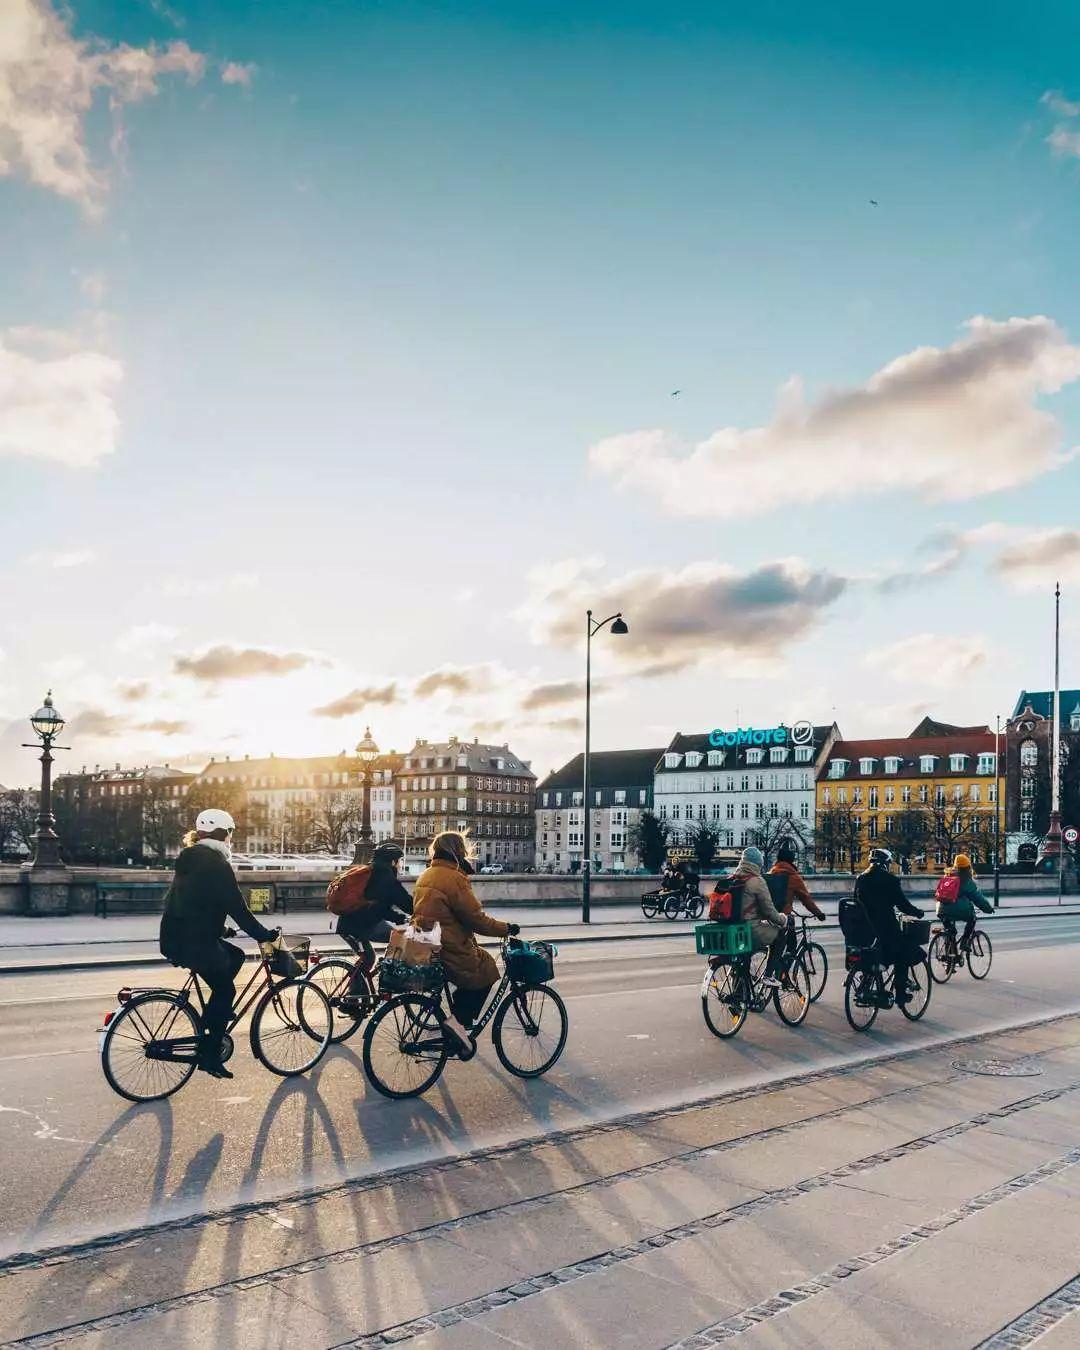 IN . 哥本哈根